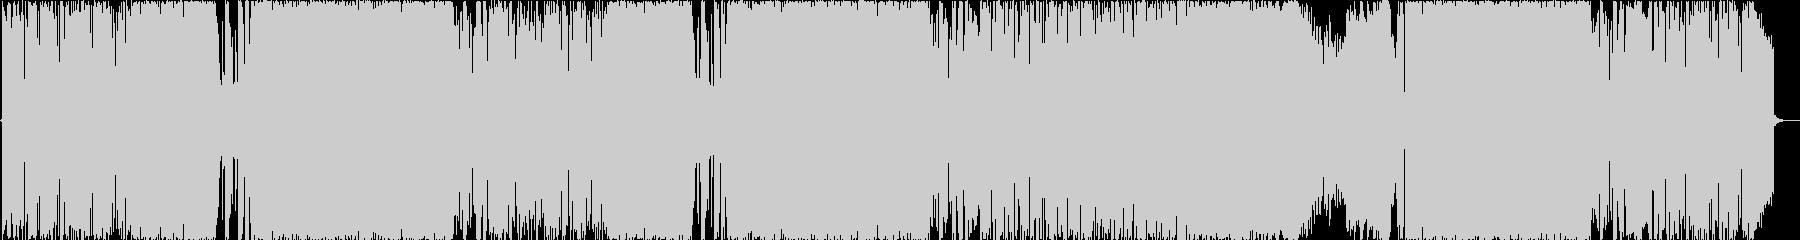 和風 三味線激ロック/重厚スピードメタルの未再生の波形